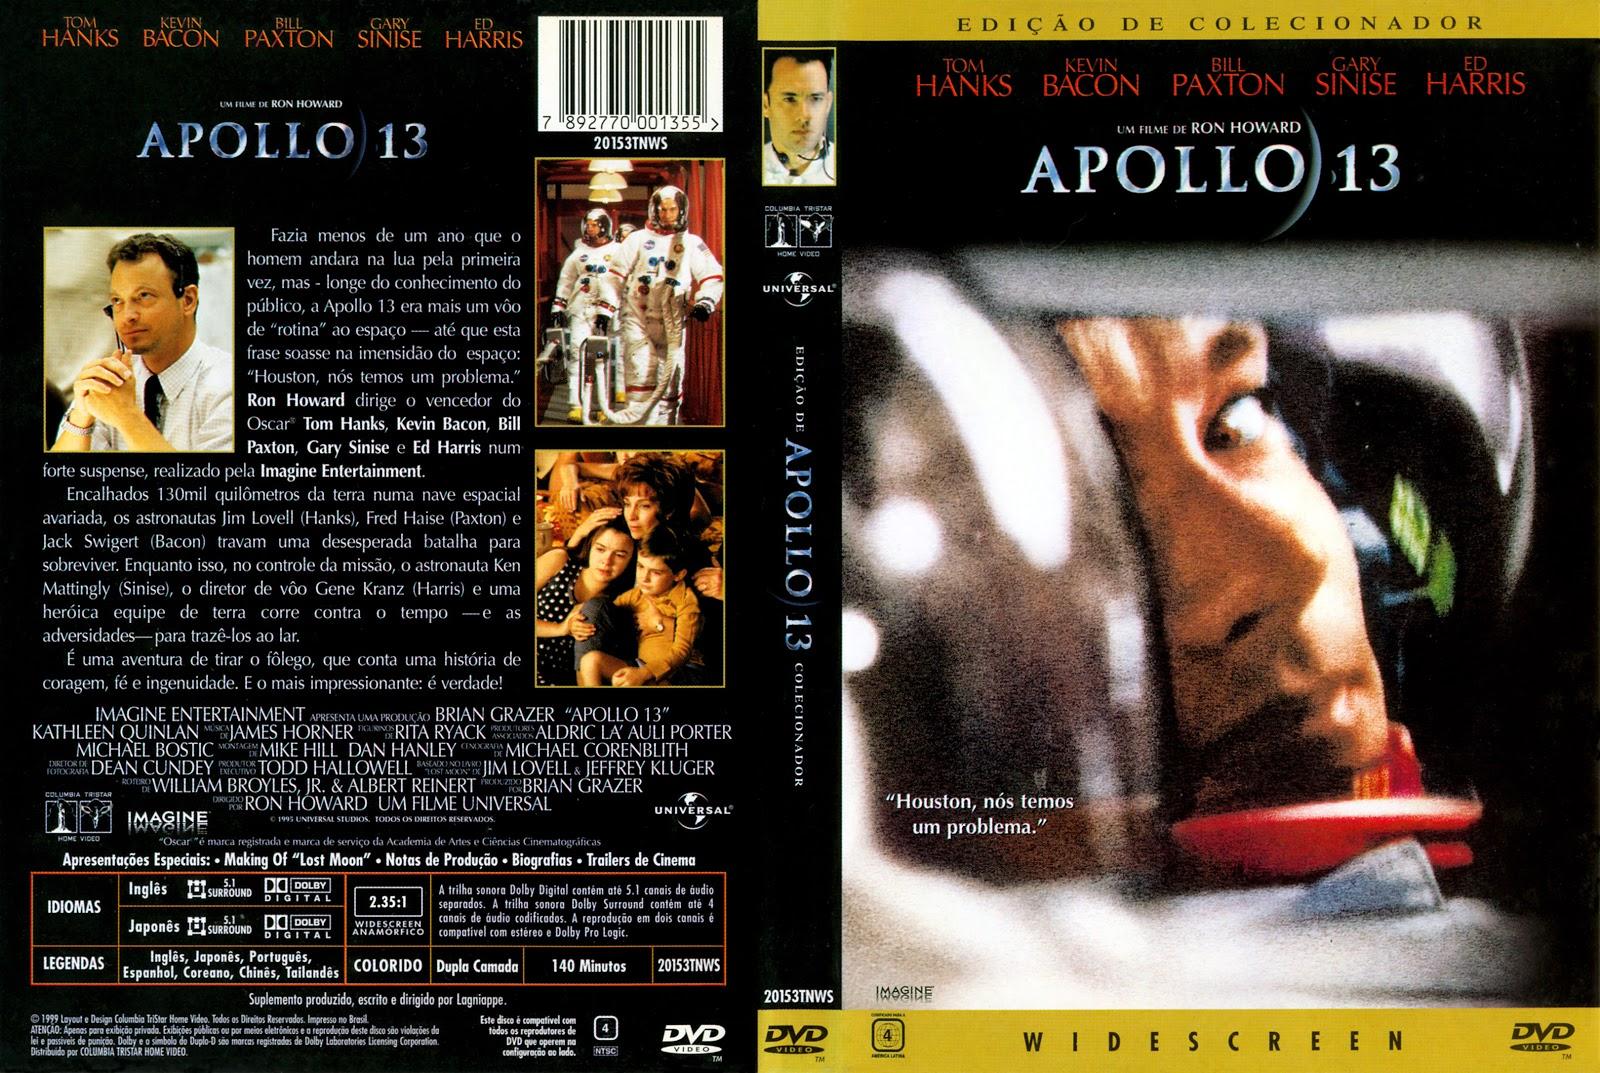 Capa DVD Apollo 13 Edição De Colecionador